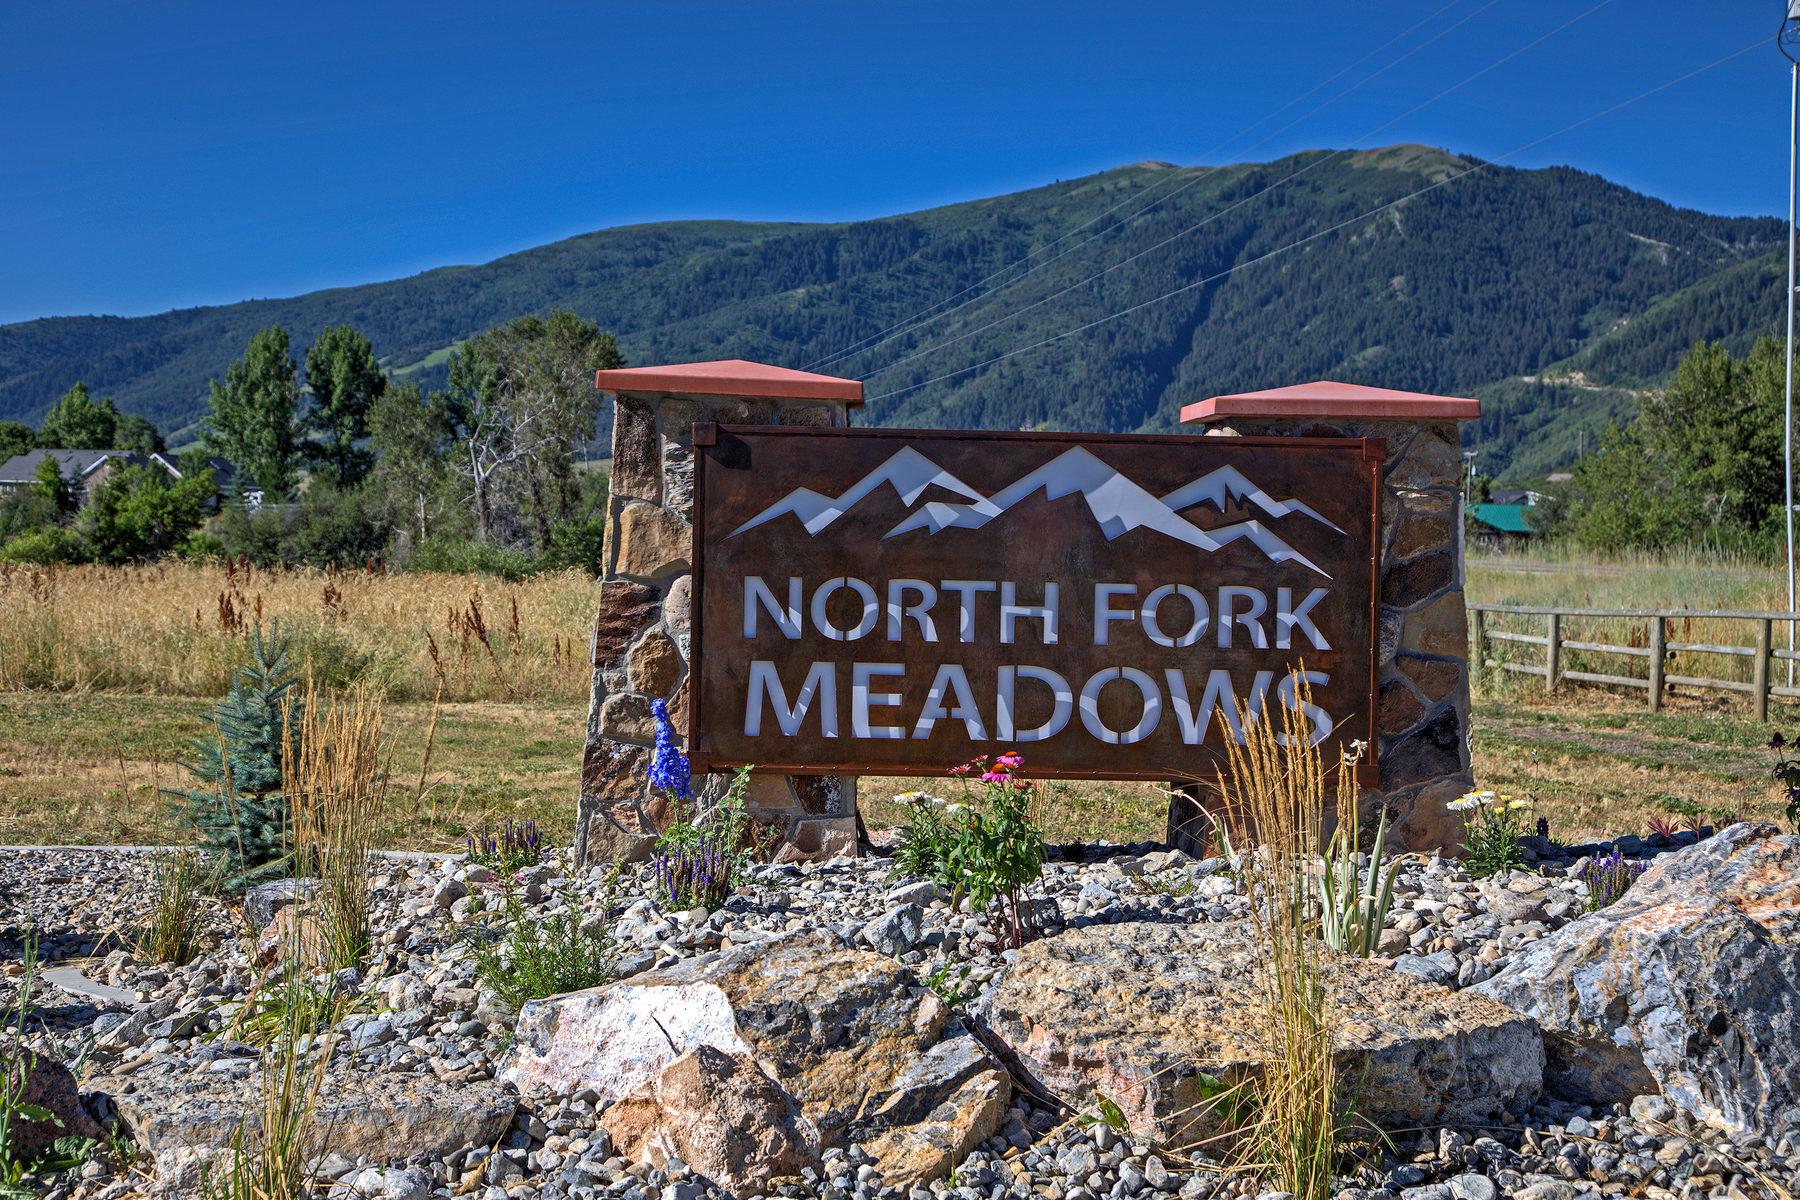 Terreno por un Venta en Build Your Dream Home in Eden Utah 3210 East 5225 North Lot 3 Eden, Utah, 84310 Estados Unidos